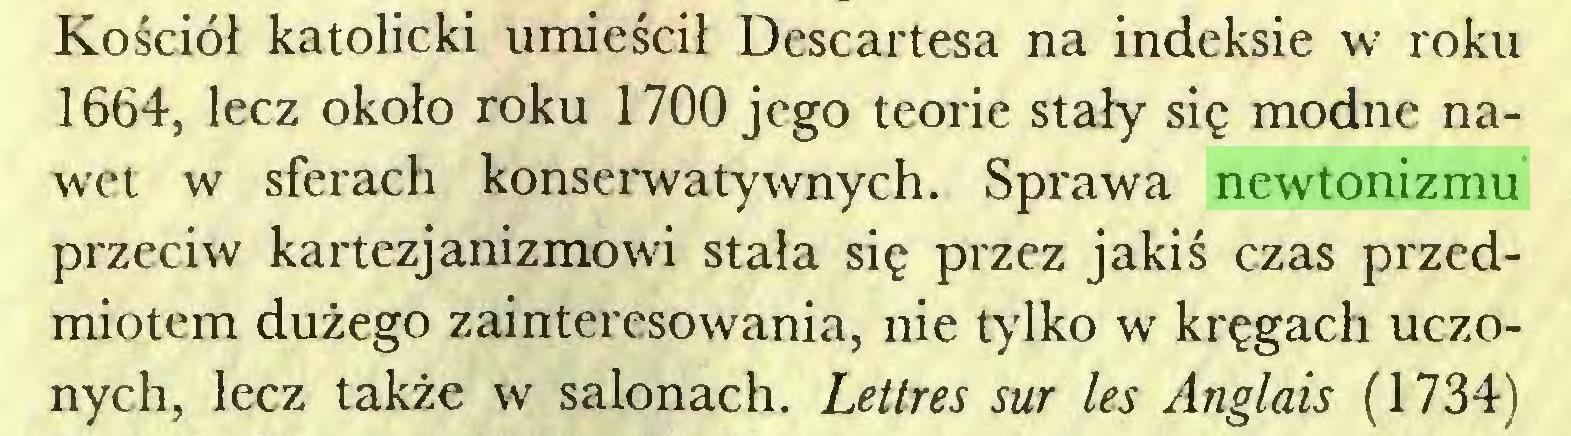 (...) Kościół katolicki umieścił Descartesa na indeksie w roku 1664, lecz około roku 1700 jego teorie stały się modne nawet w sferach konserwatywnych. Sprawa newtonizmu przeciw kartezjanizmowi stała się przez jakiś czas przedmiotem dużego zainteresowania, nie tylko w kręgach uczonych, lecz także w salonach. Lettres sur les Anglais (1734)...